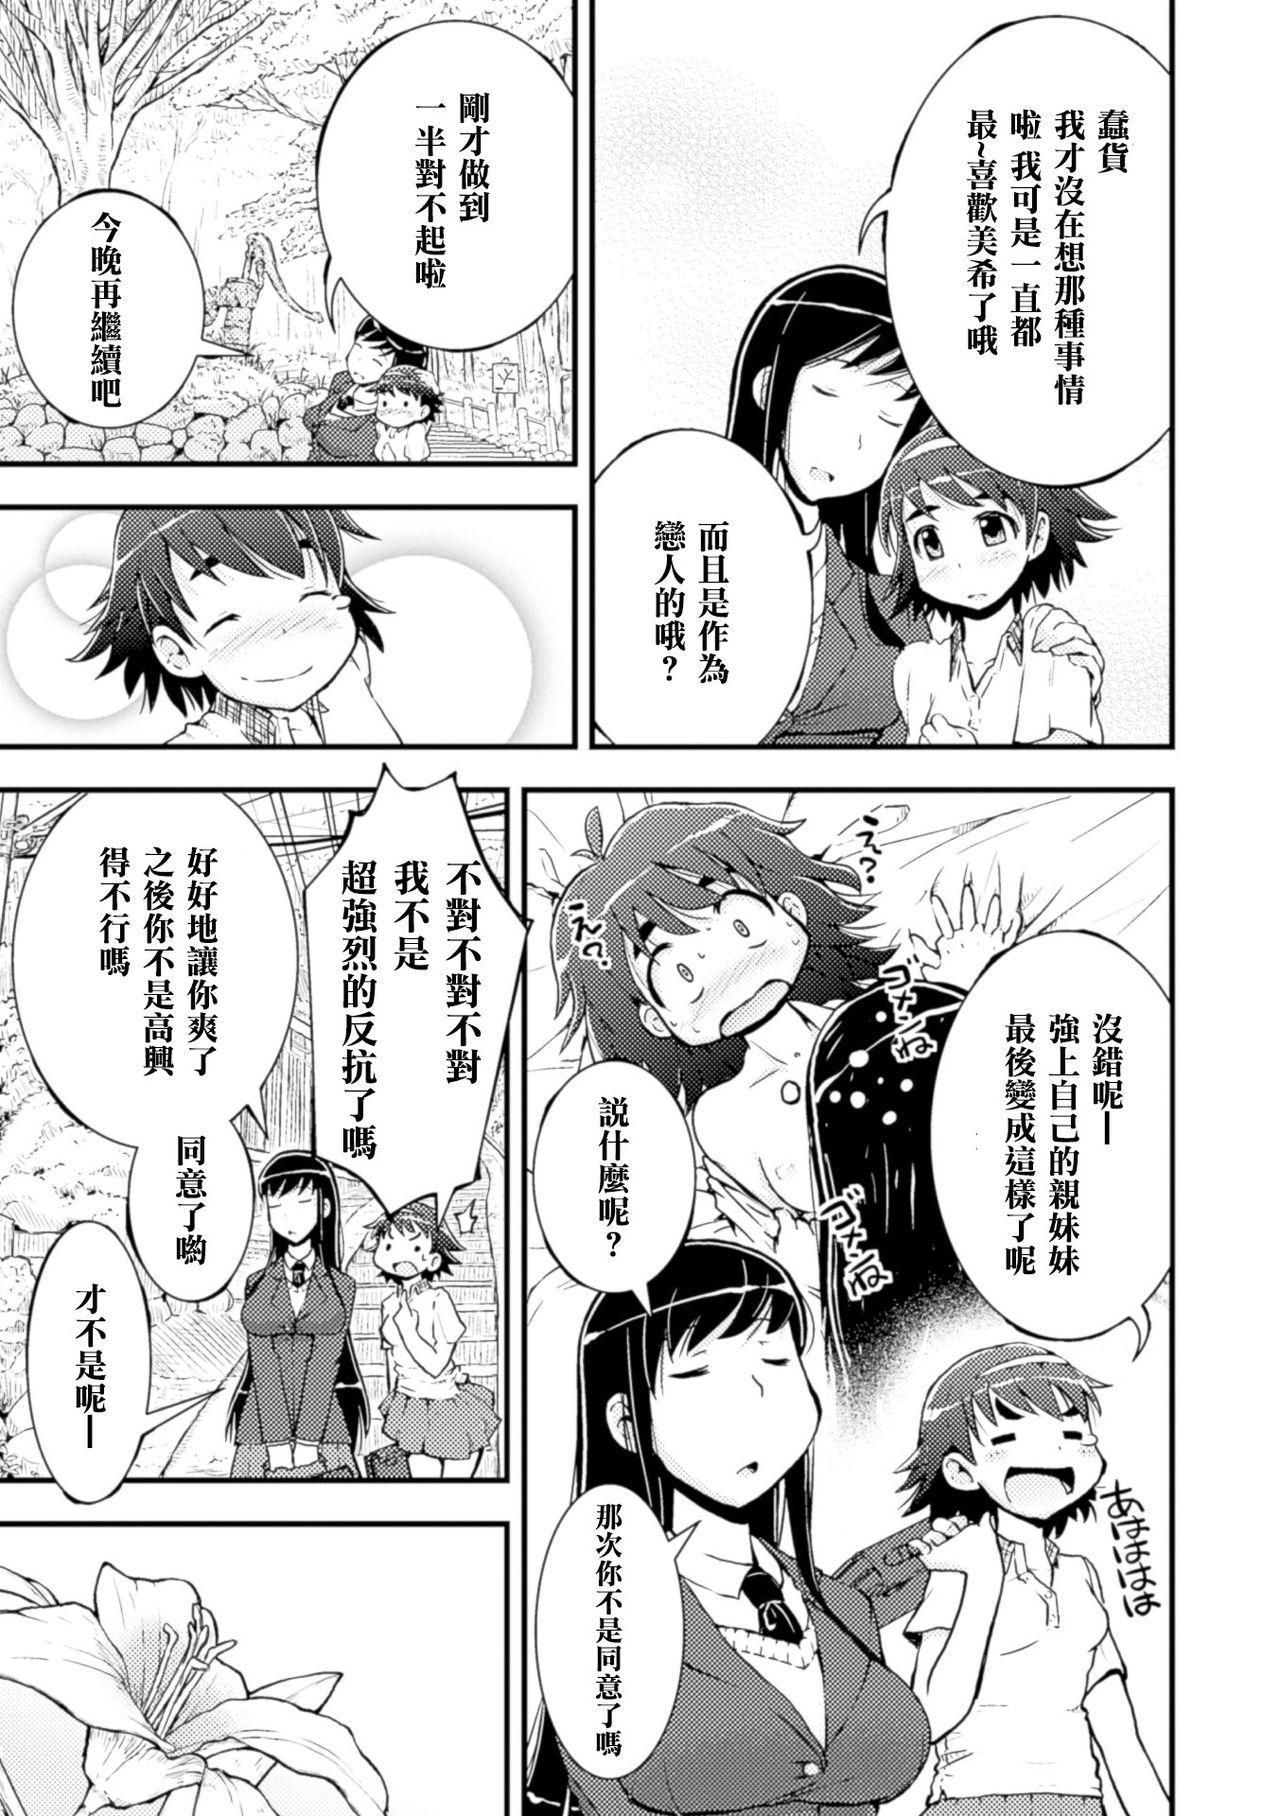 Amayuri no Tane to Yamamoto Shimai 5